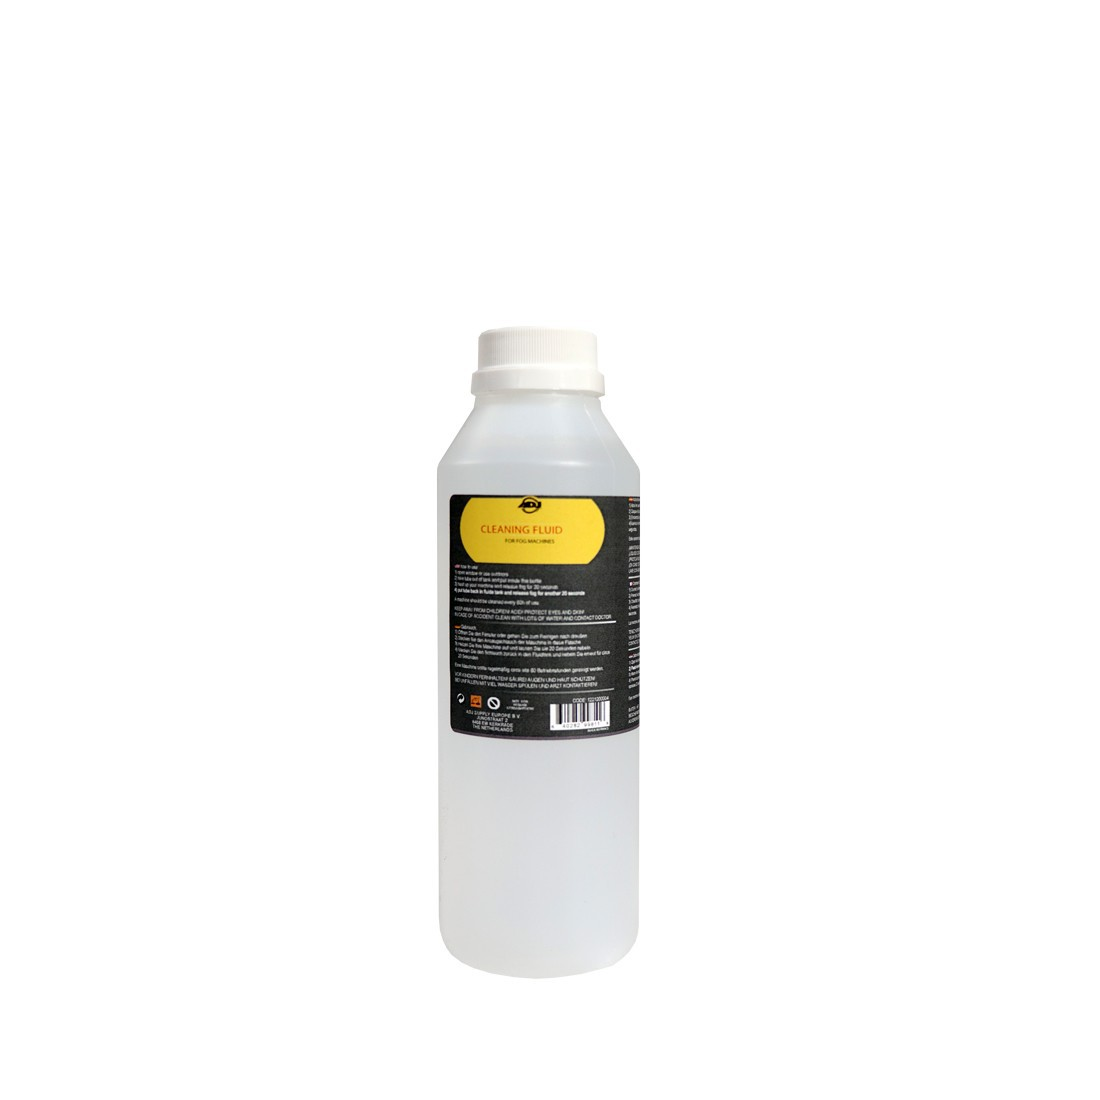 American DJ Cleaning fluid 250ml - płyn do przeczyszczania wytwornicy